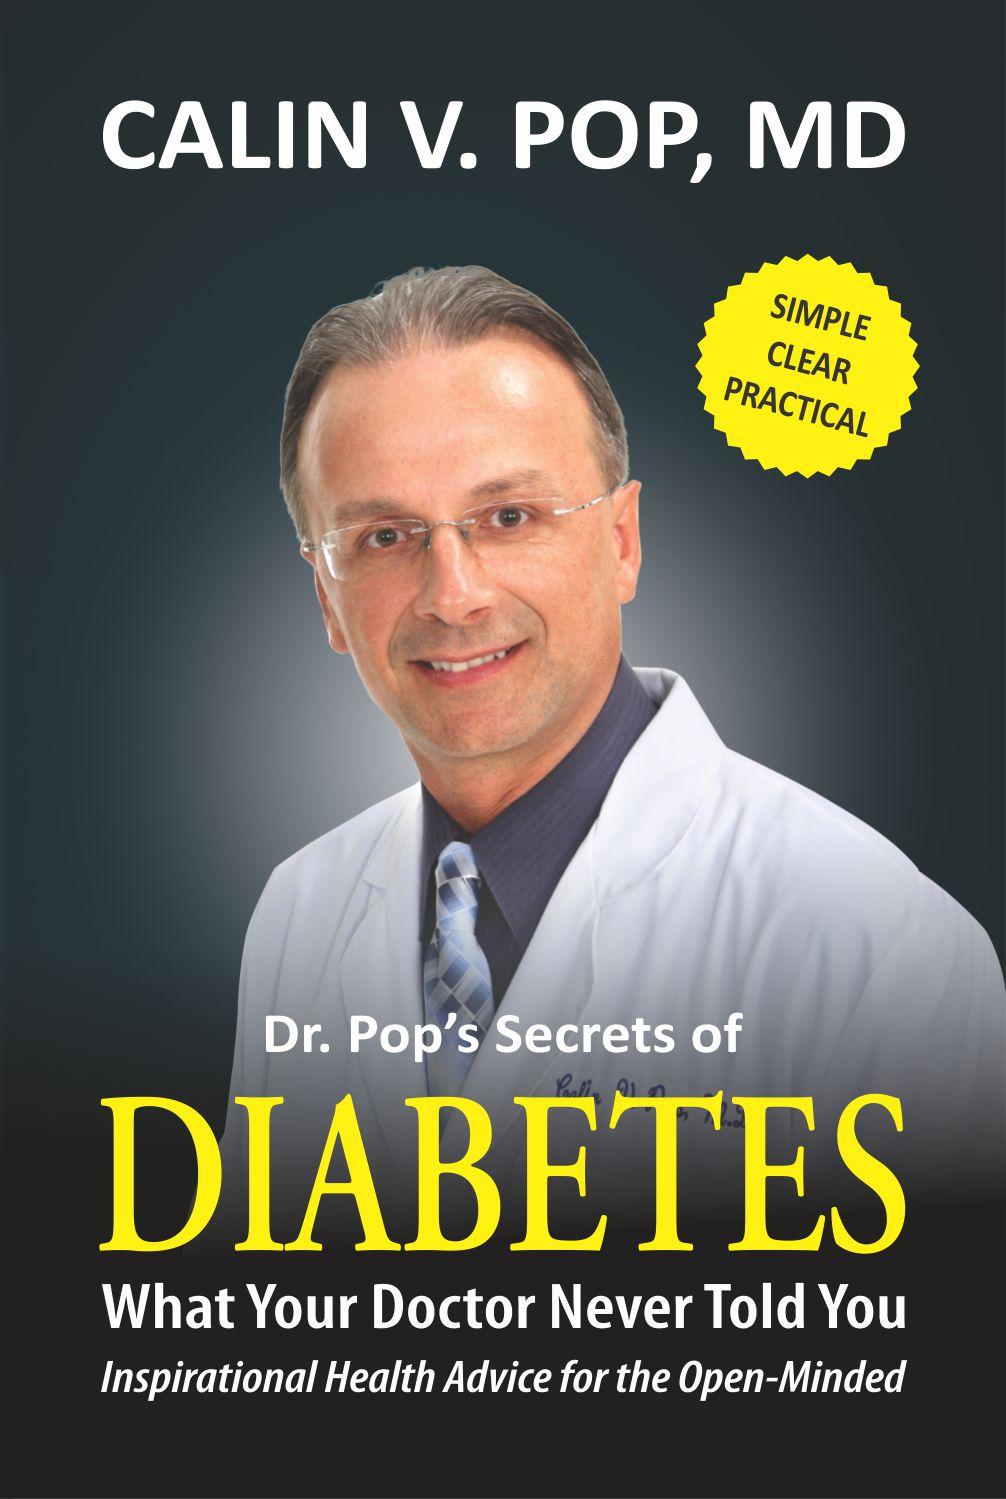 Dr Pop secrets of Diabetes Cover